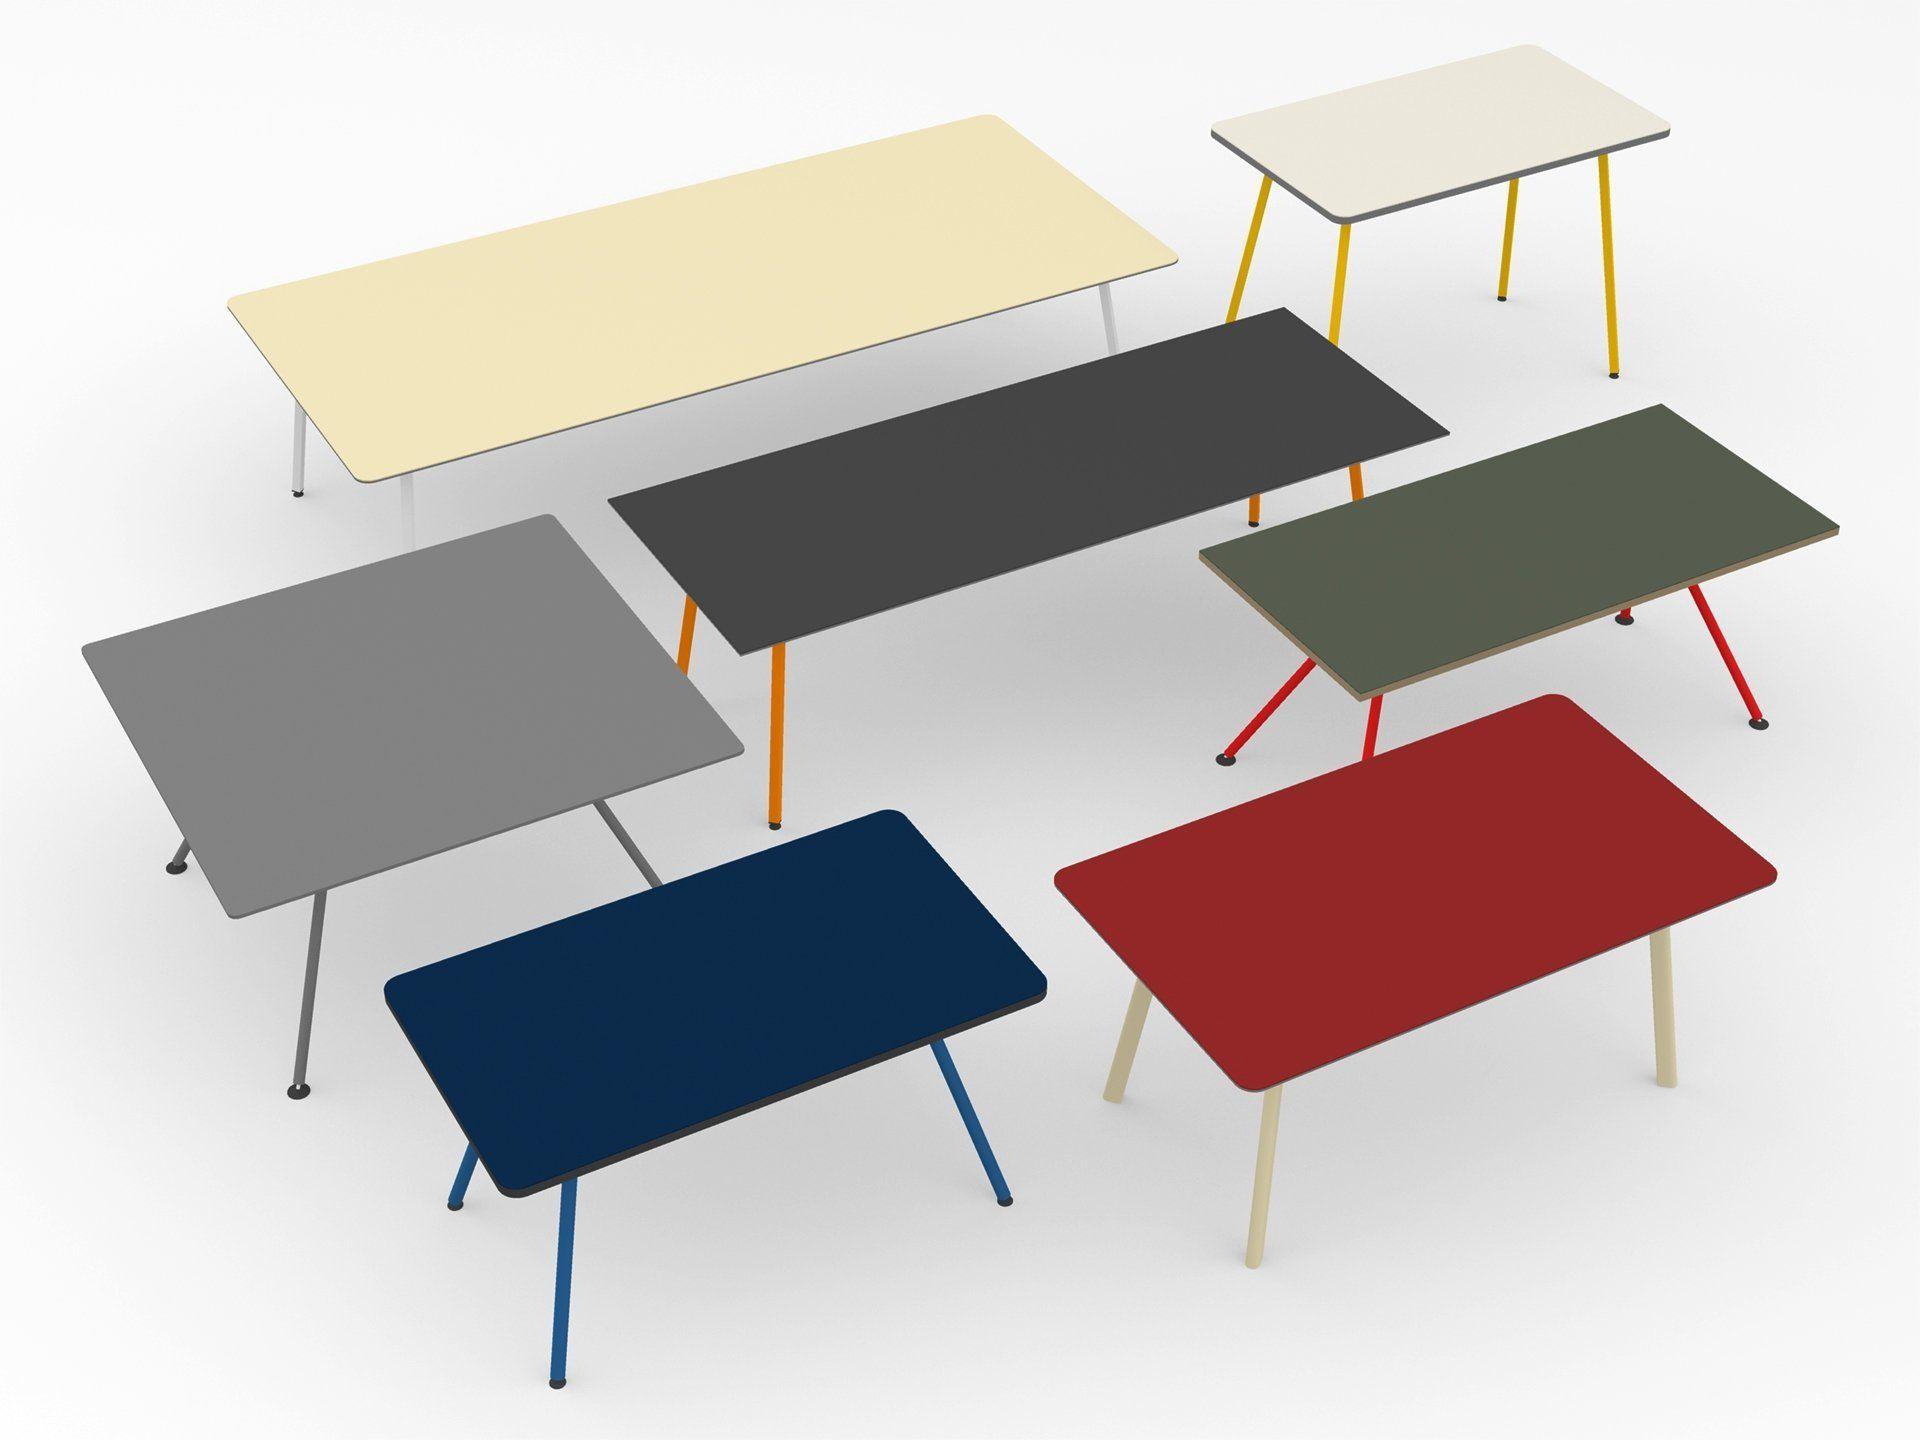 a5ffedc54e3ce6566e64c55d530477cb Incroyable De Ikea Table Bureau Concept